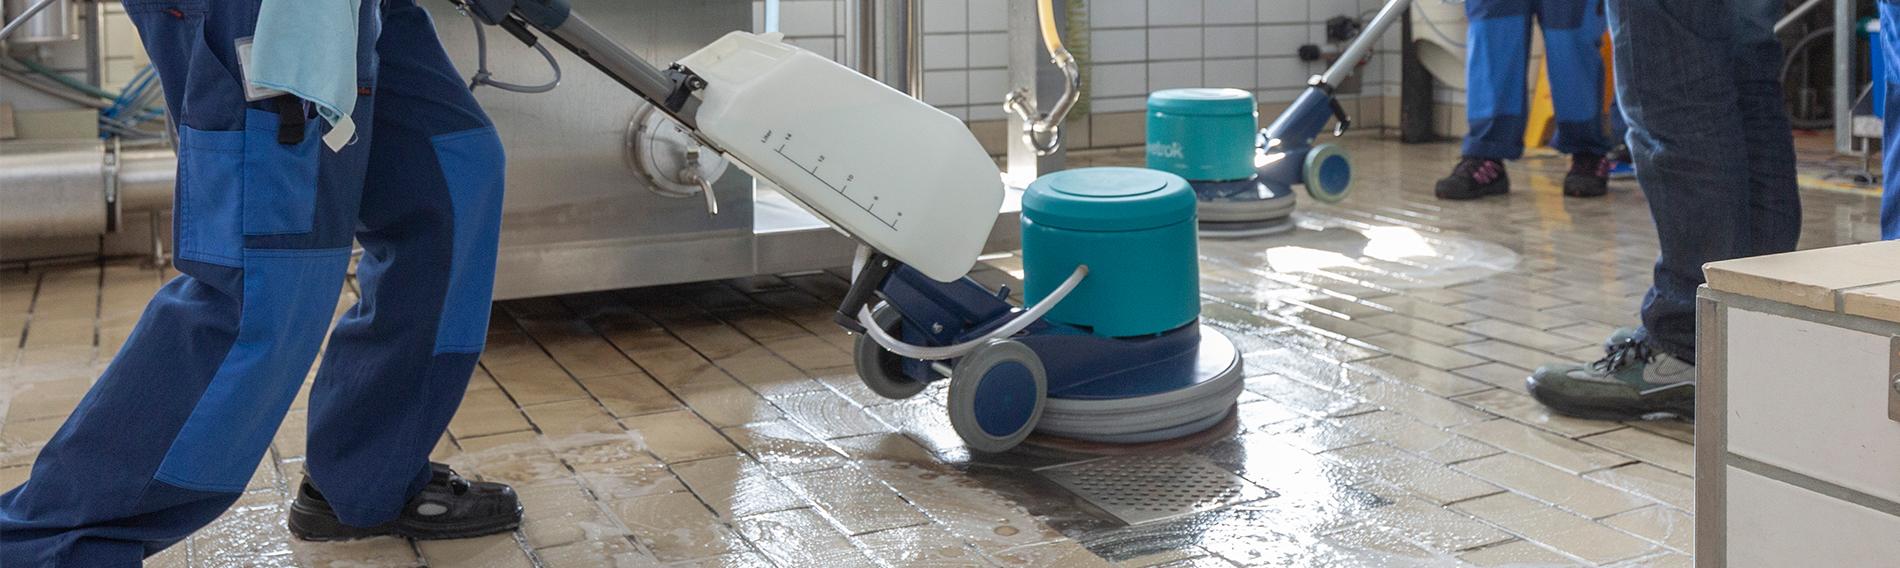 Szkolenie z zakresu czyszczenia w Mibelle Group w Buchs